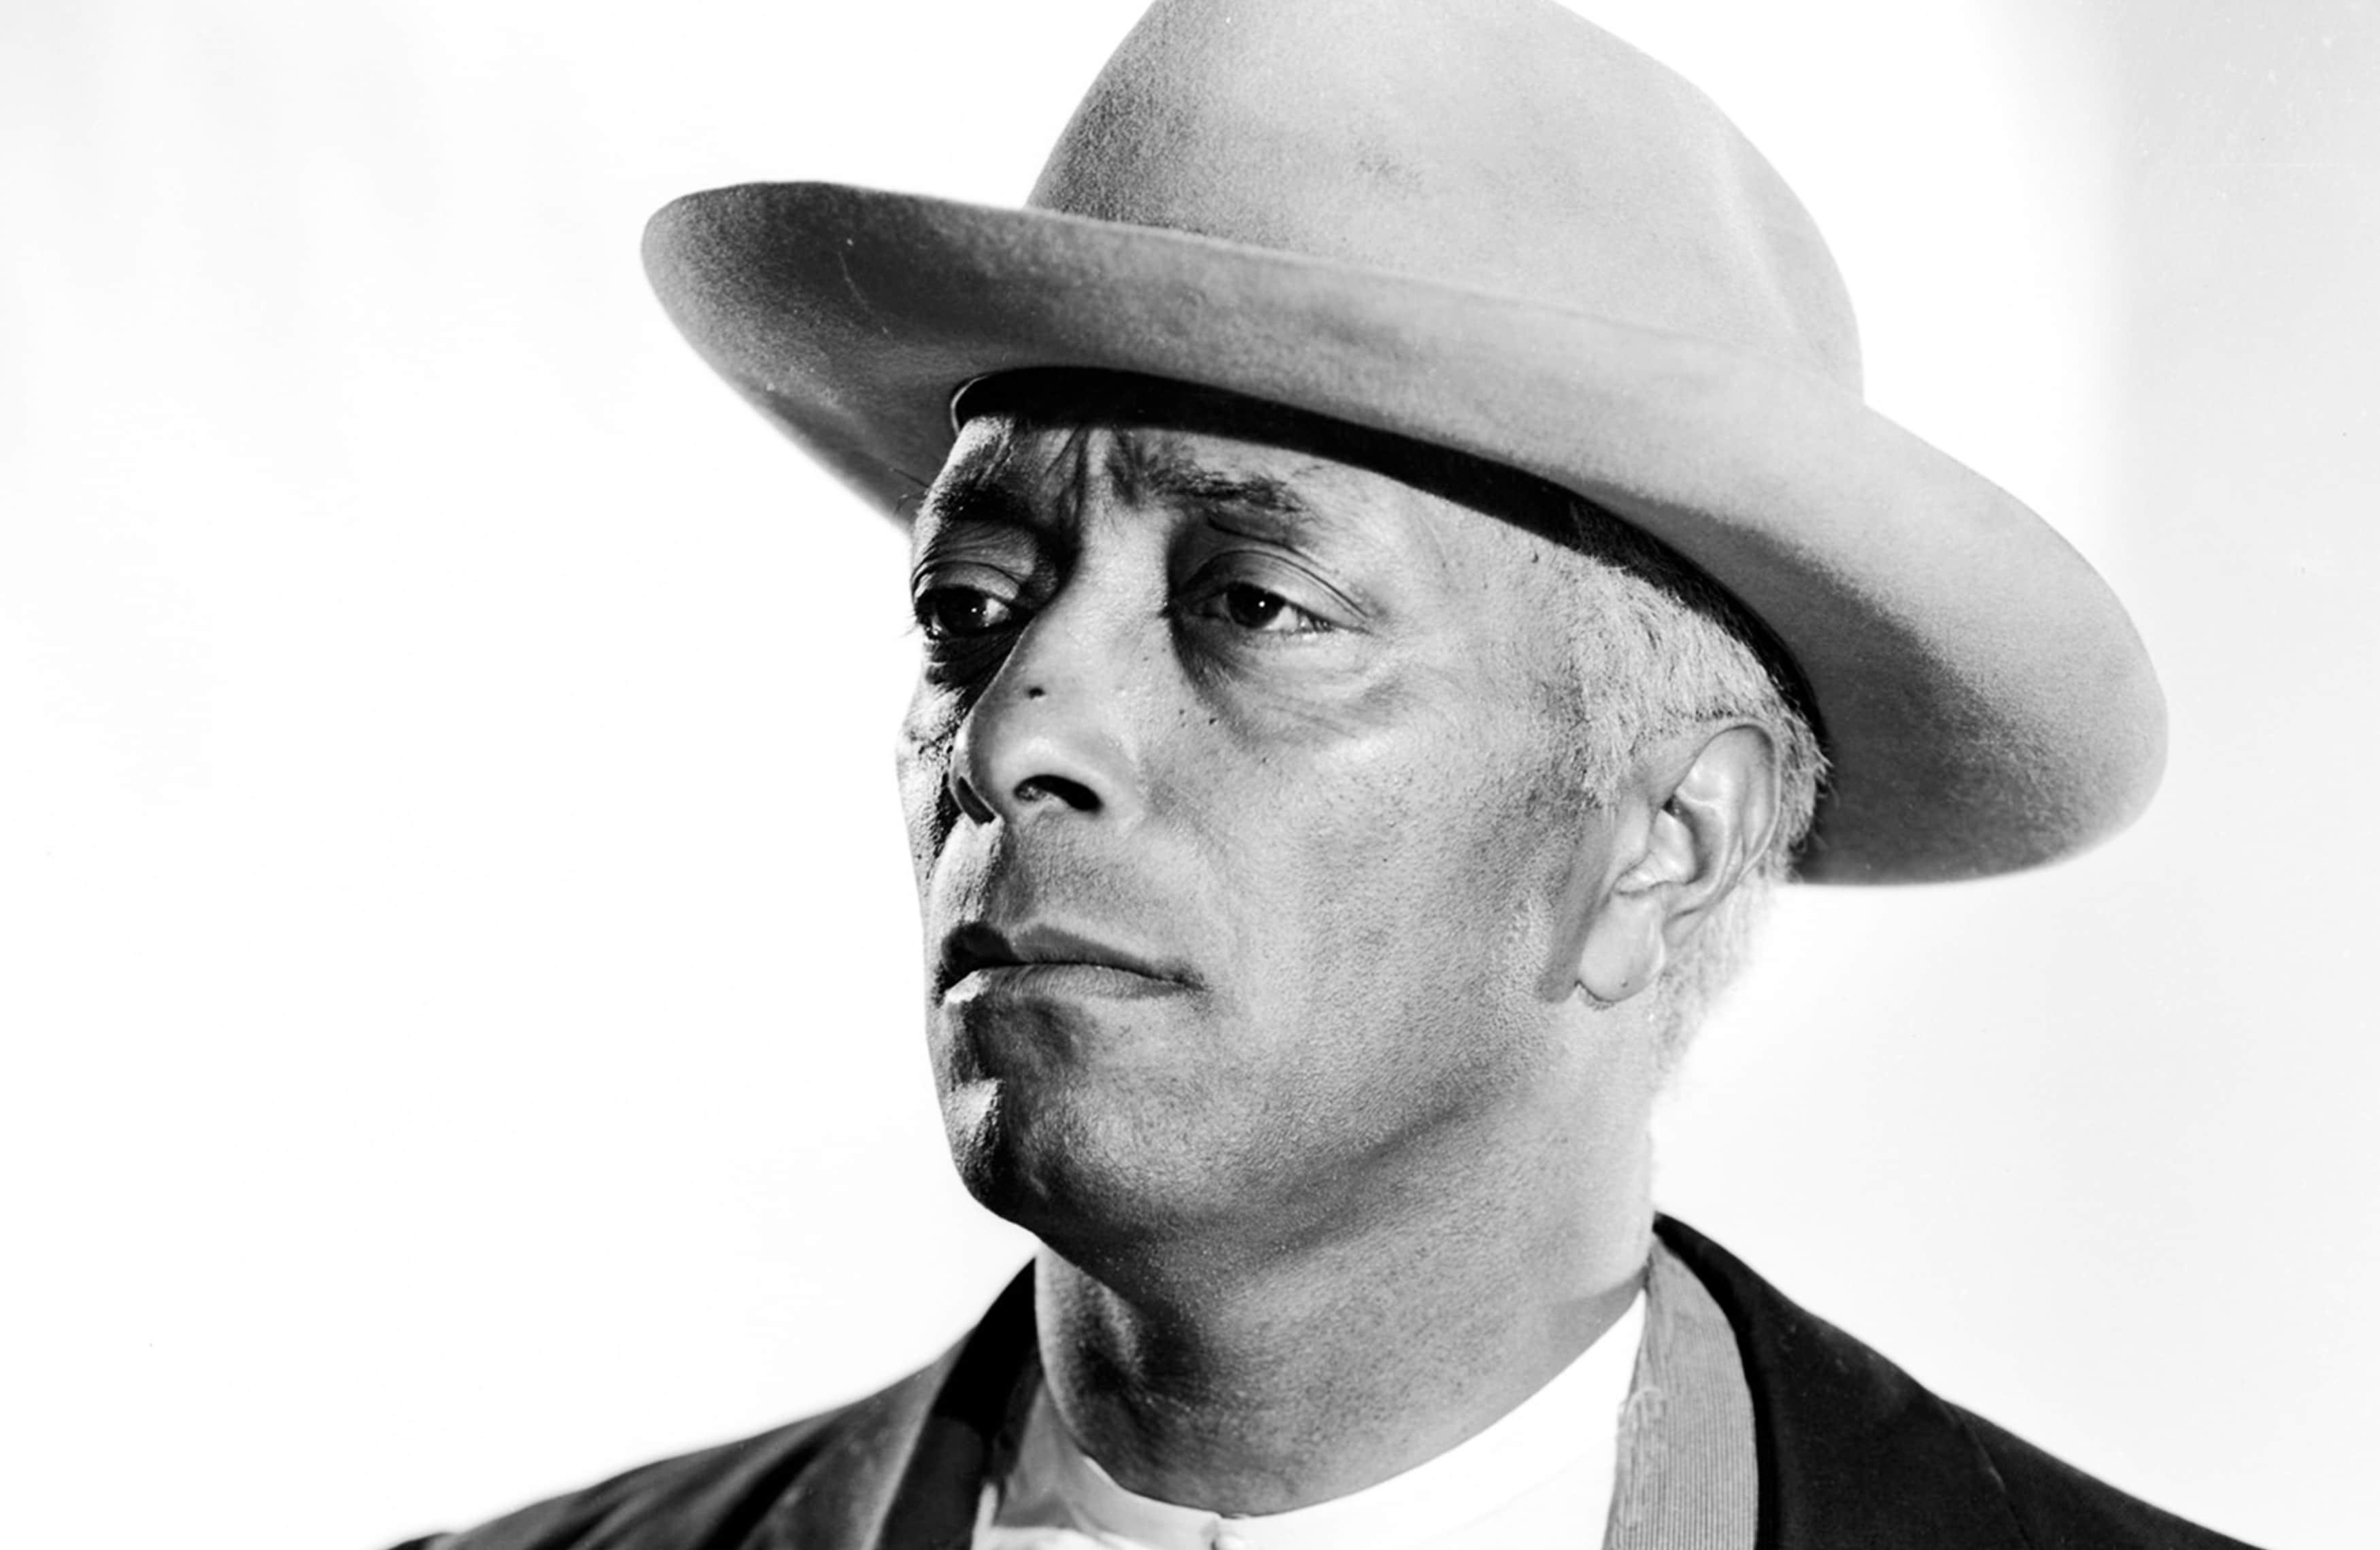 Juano Hernandez